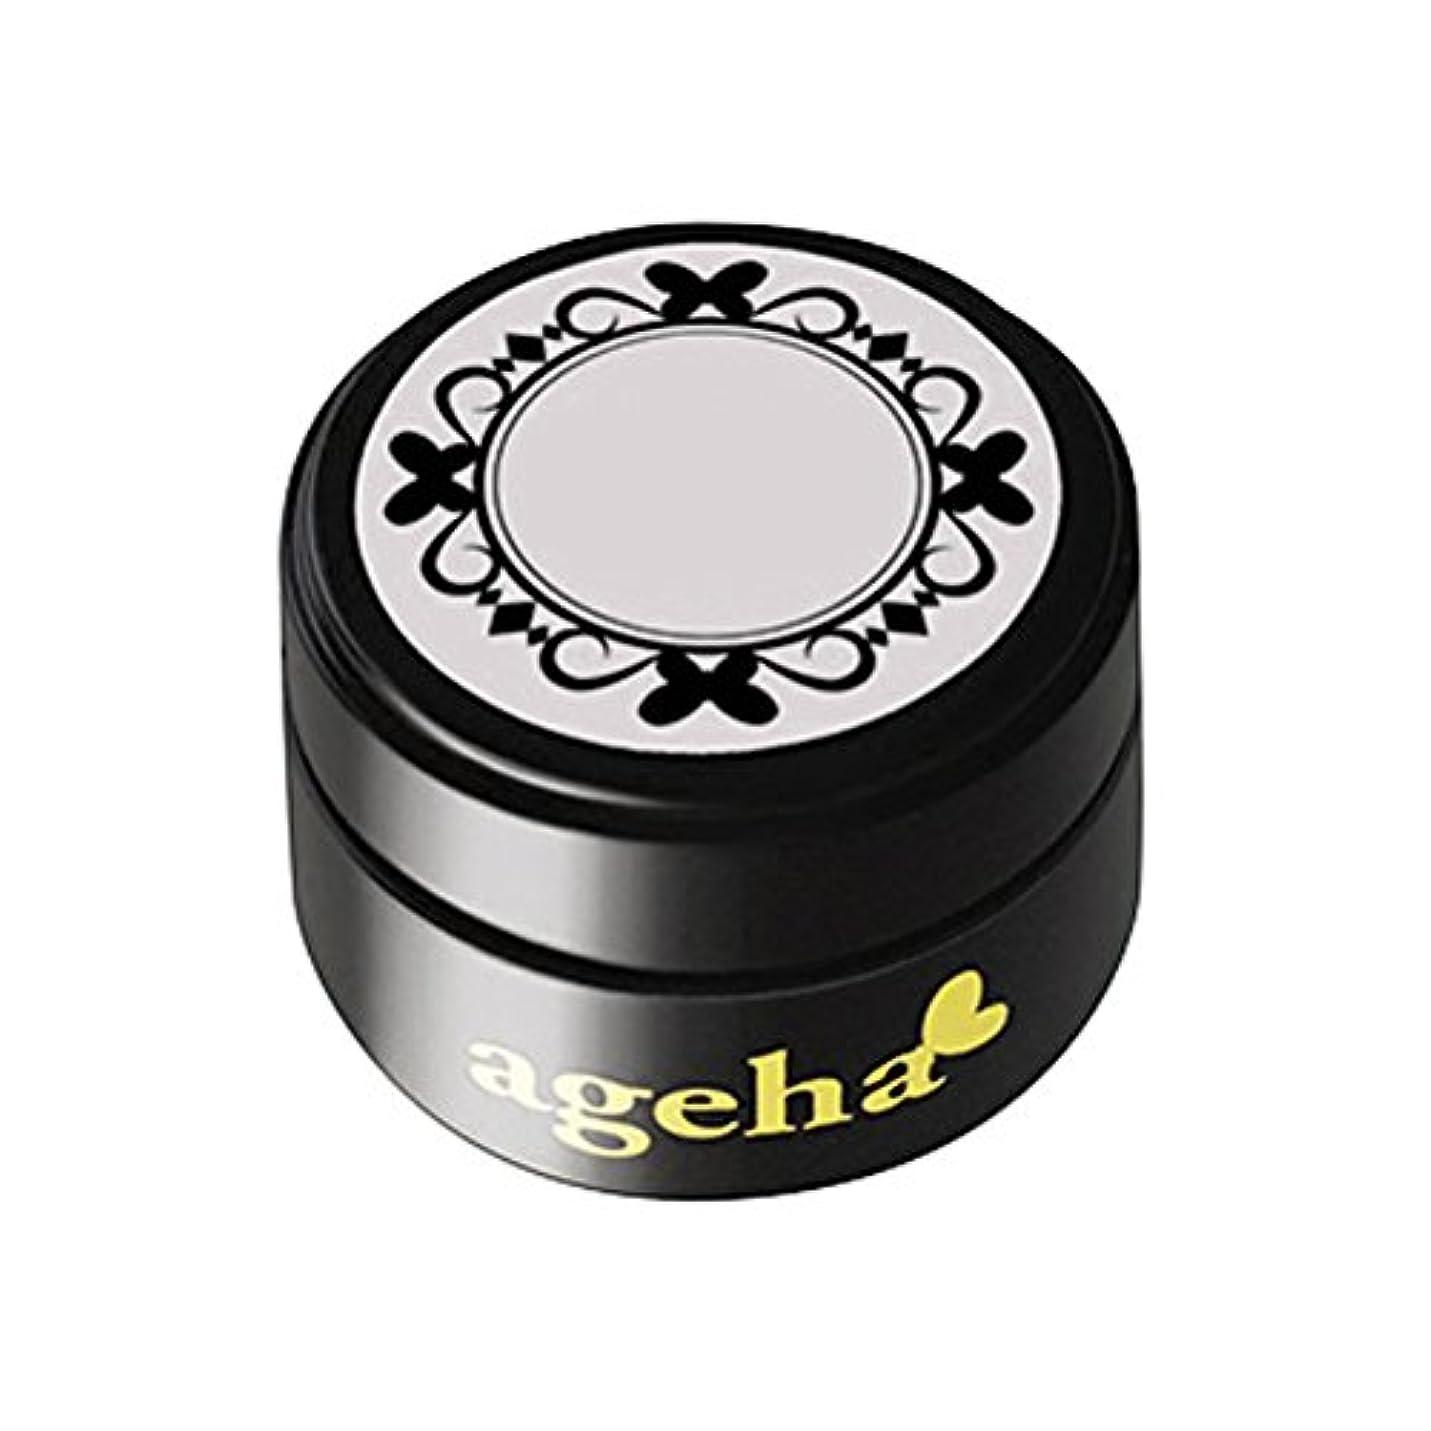 思慮のないノイズ曲がったageha gel カラージェル コスメカラー 113 クラシカルピンク 2.7g UV/LED対応